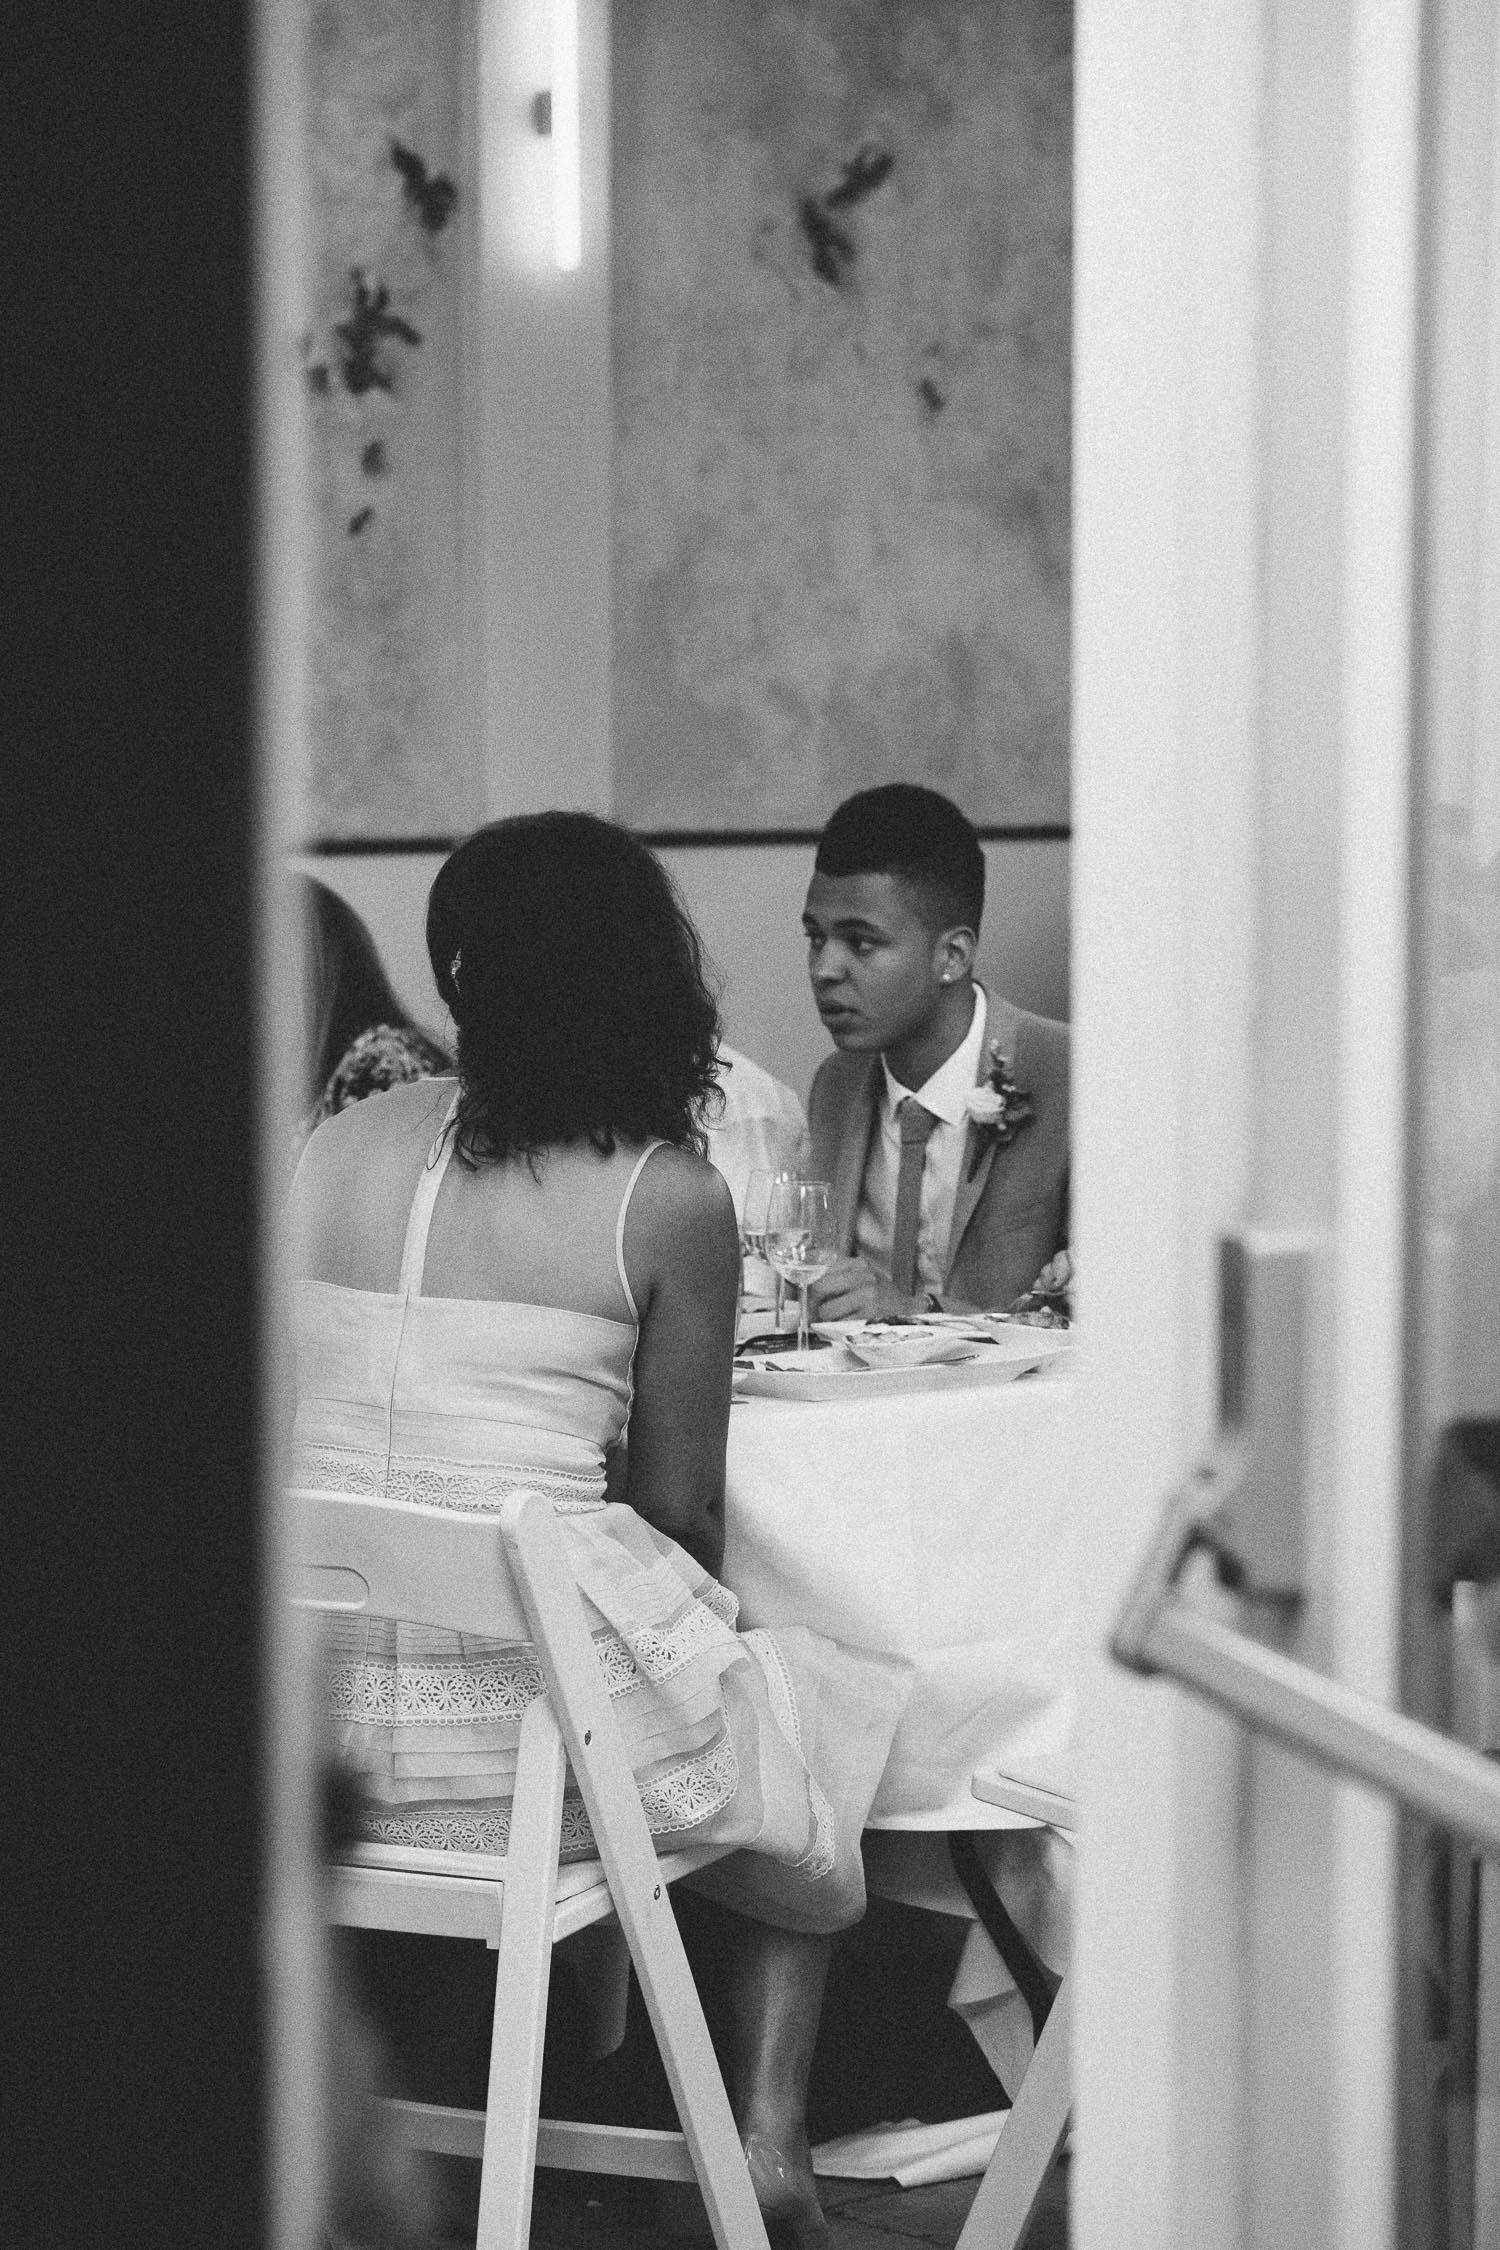 Wedding-photography-trouwfotografie-huwelijksfotograaf-Hortus-Botanicus-Amsterdam-On-a-hazy-morning-35.jpg